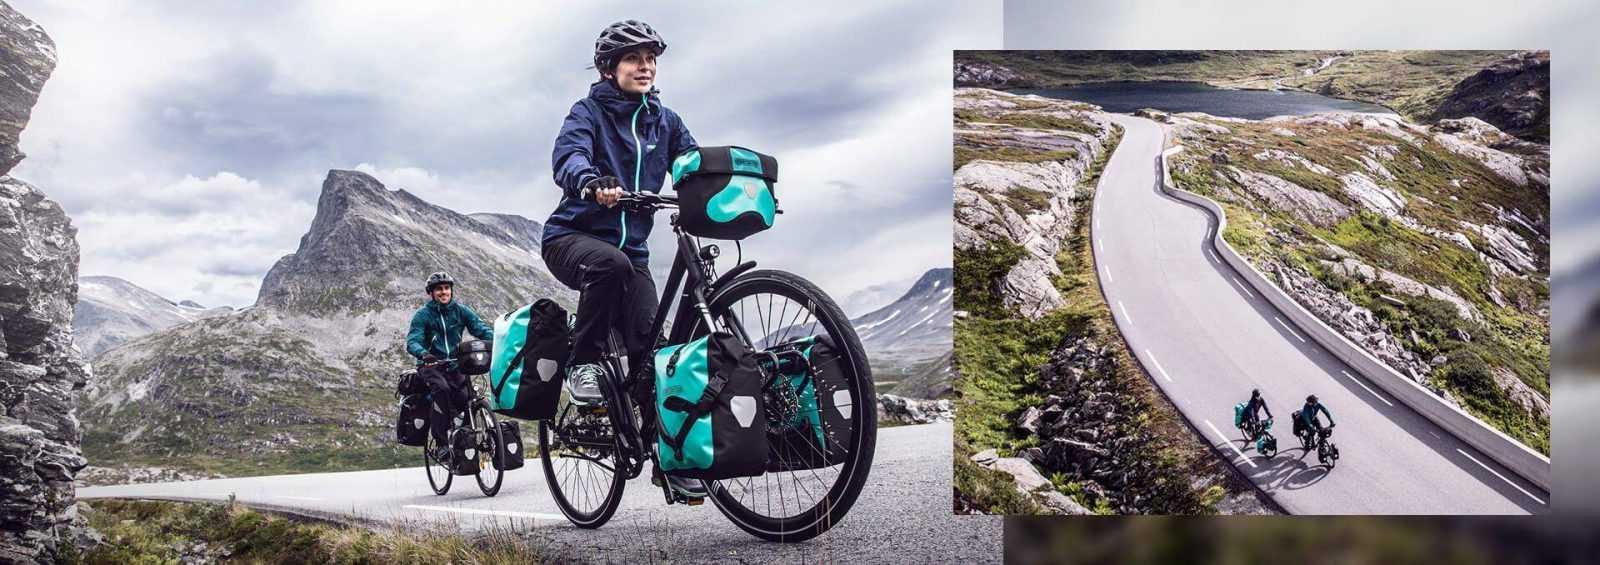 I migliori Top 10: Le migliori borse bici